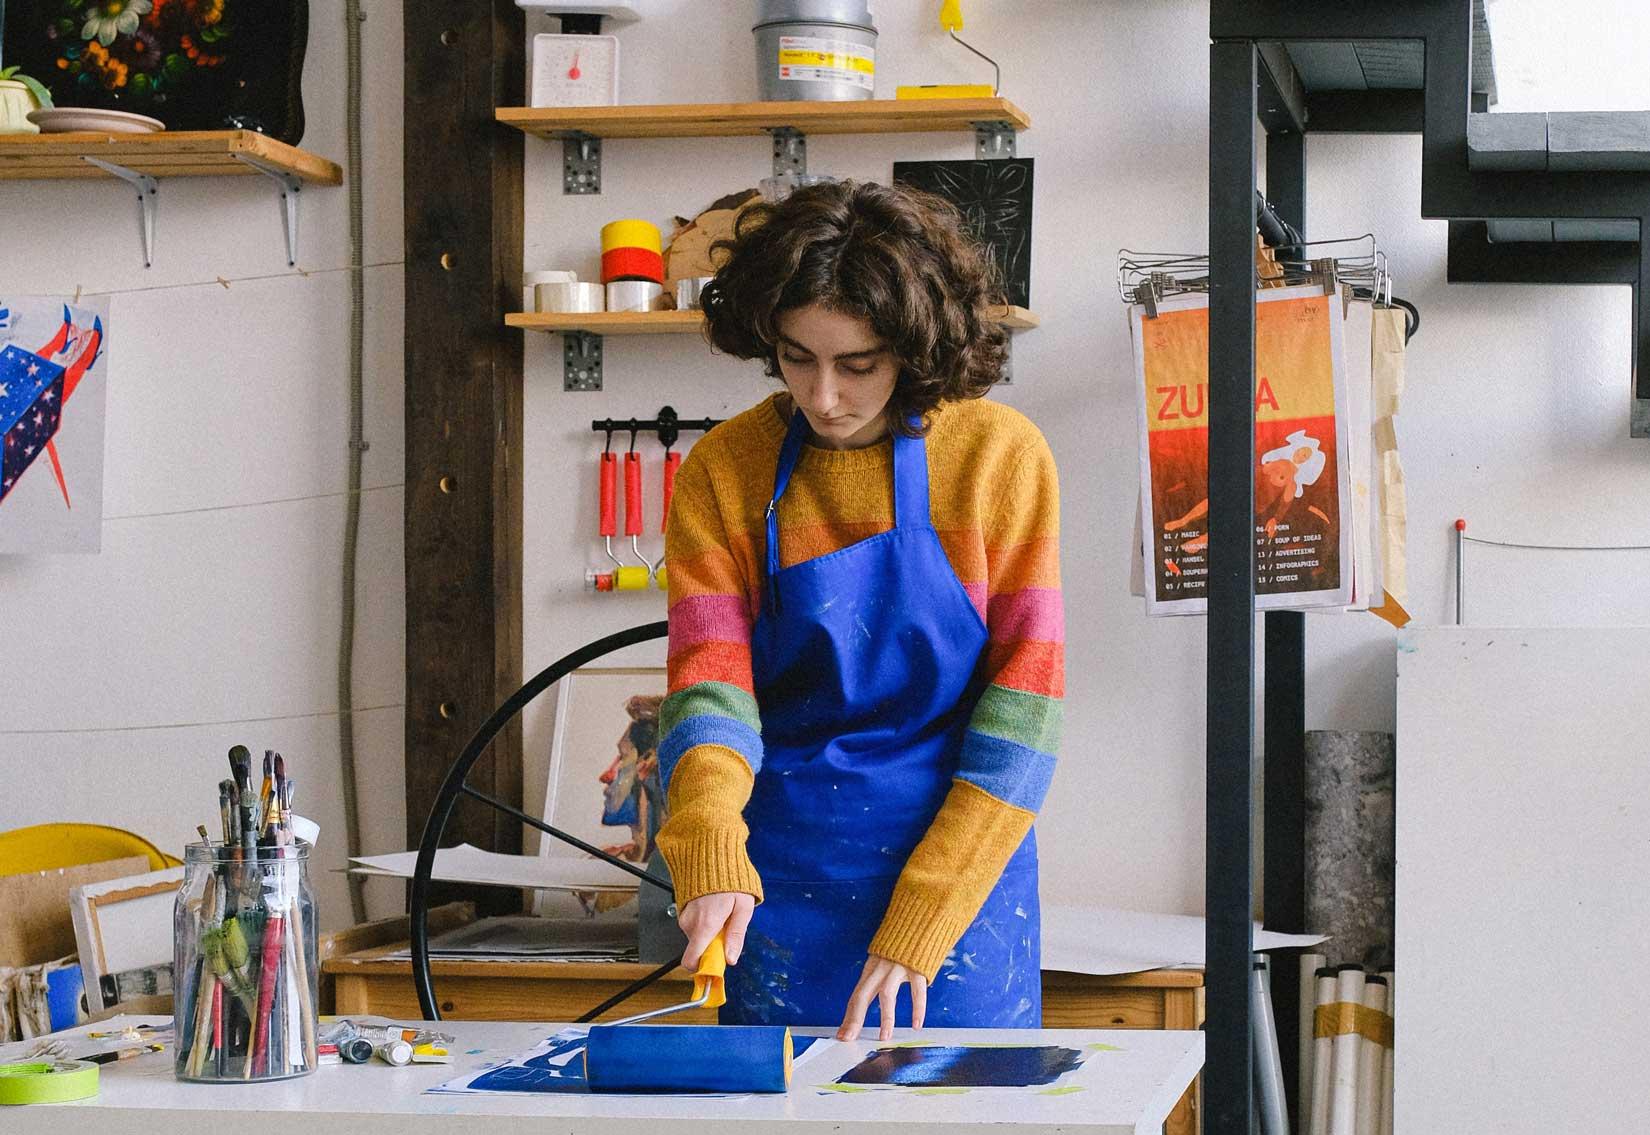 kobieta w kolorowym swetrze i niebieskim fartuchu, uprawiająca zawody artystyczne